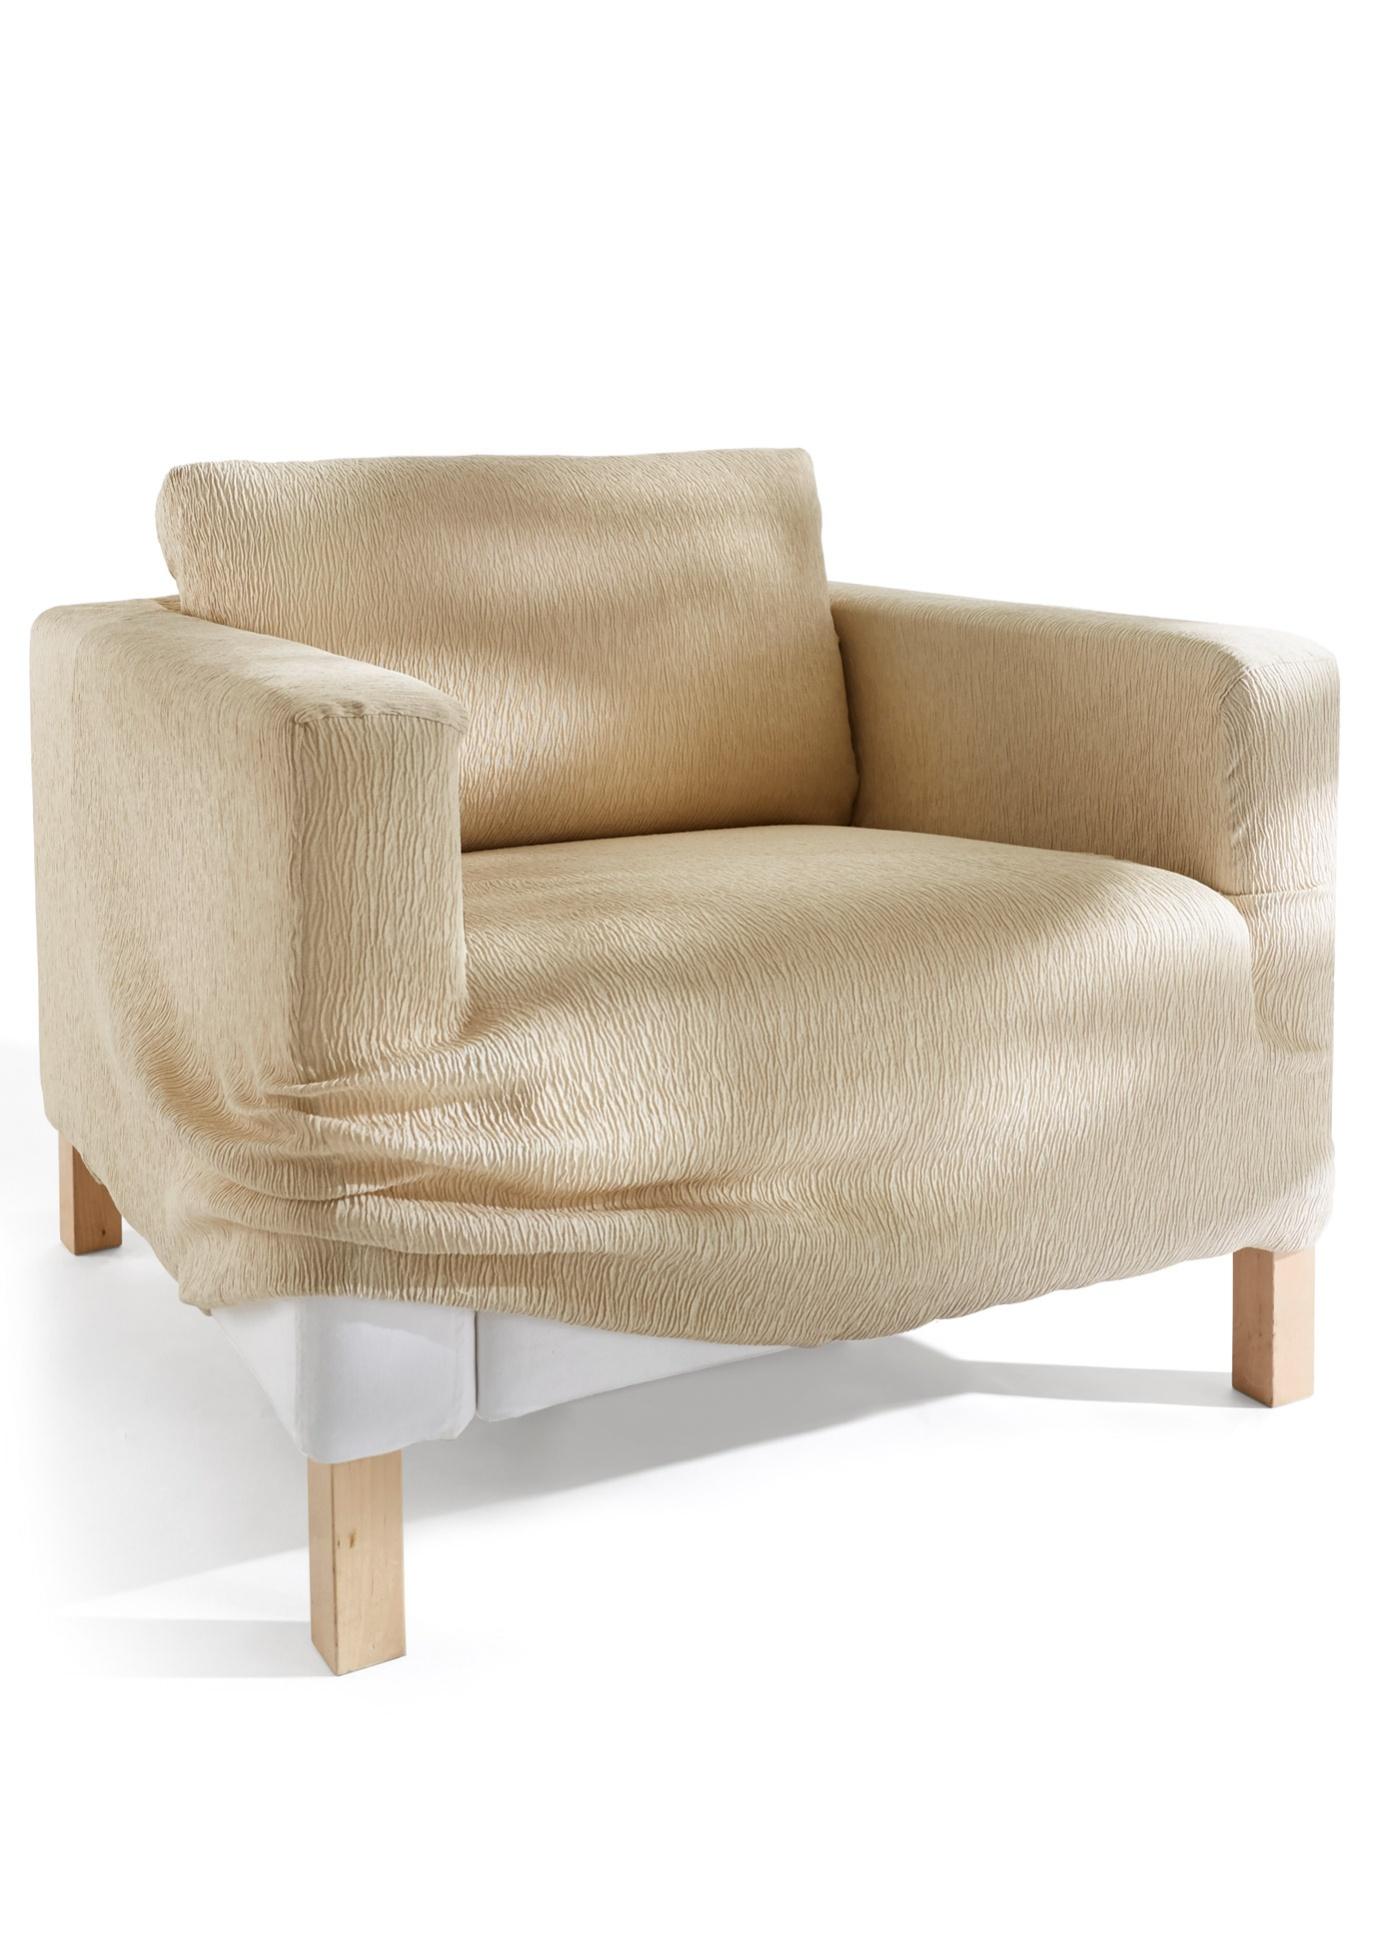 """Housse extensible élégante pour vos meubles. Matière très élastique et extrêmement souple. Facile d""""entretien et robuste. Disponible en plusieurs tailles et coloris. La coupe excellente permet d""""adapter la housse à de nombreuses formes de canapé"""